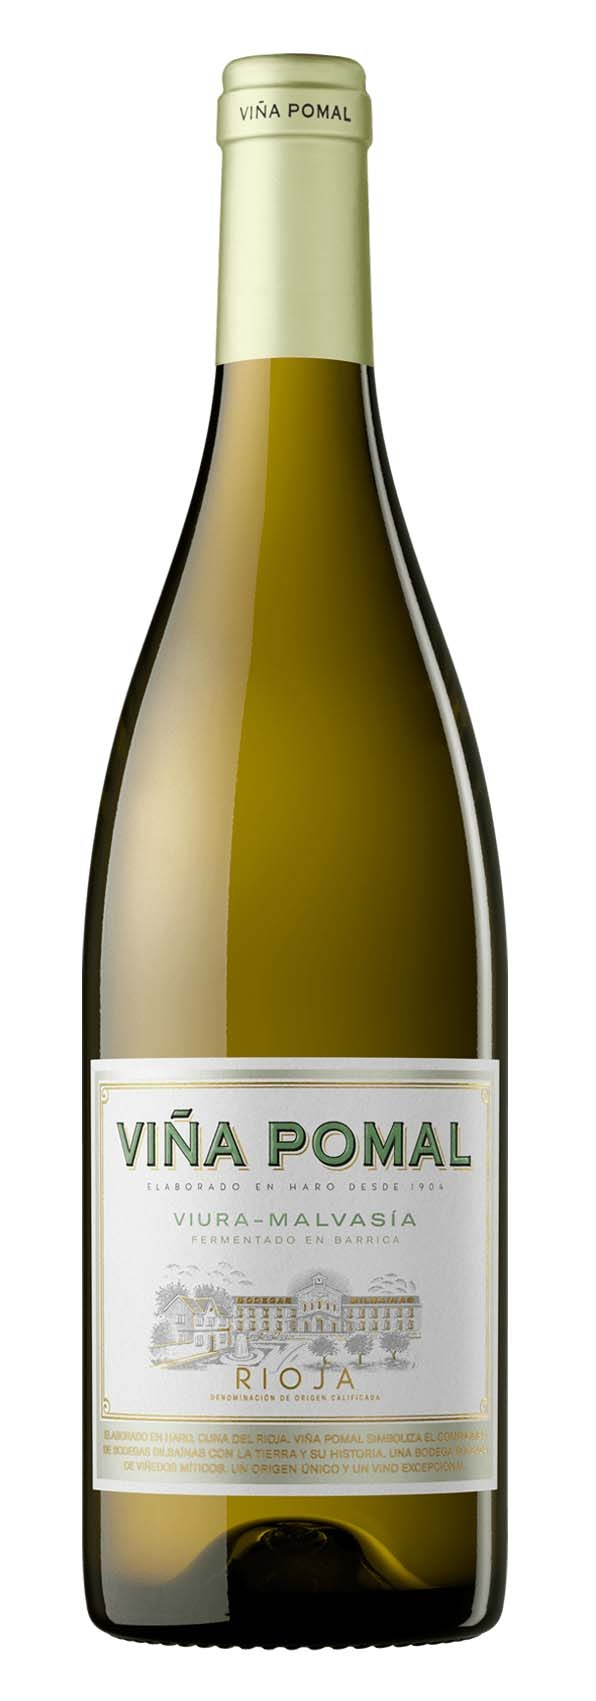 Vino Blanco Viña Pomal 2017